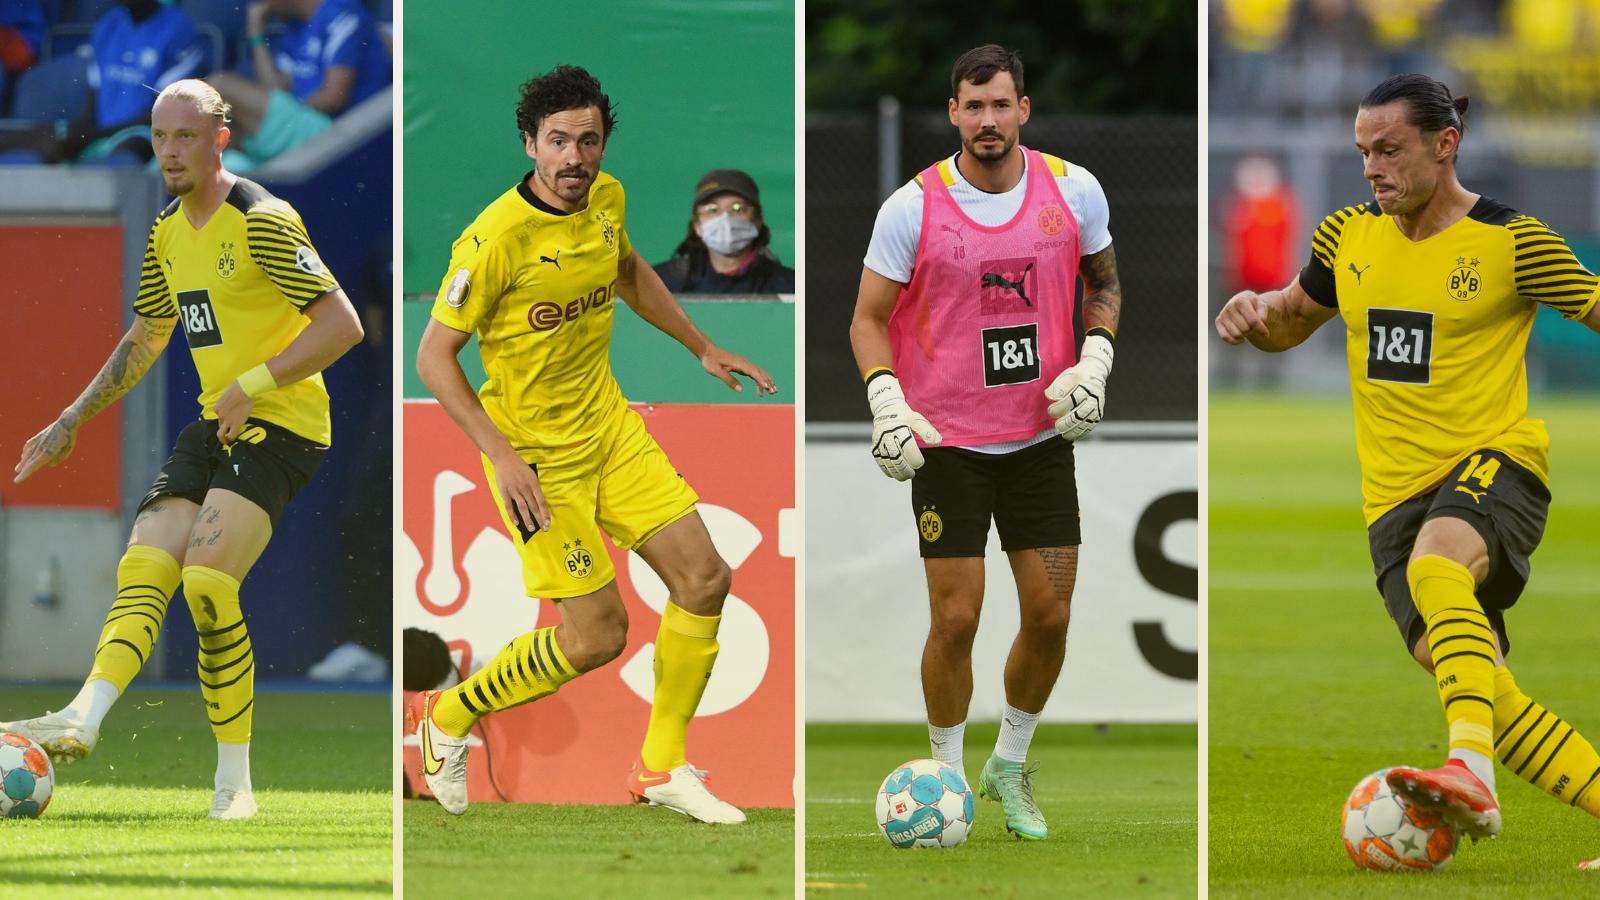 Marius Wolf, Thomas Delaney, Roman Bürki y Nico Schulz, los jugadores en venta en Borussia Dortmund. Fotos: Imago.